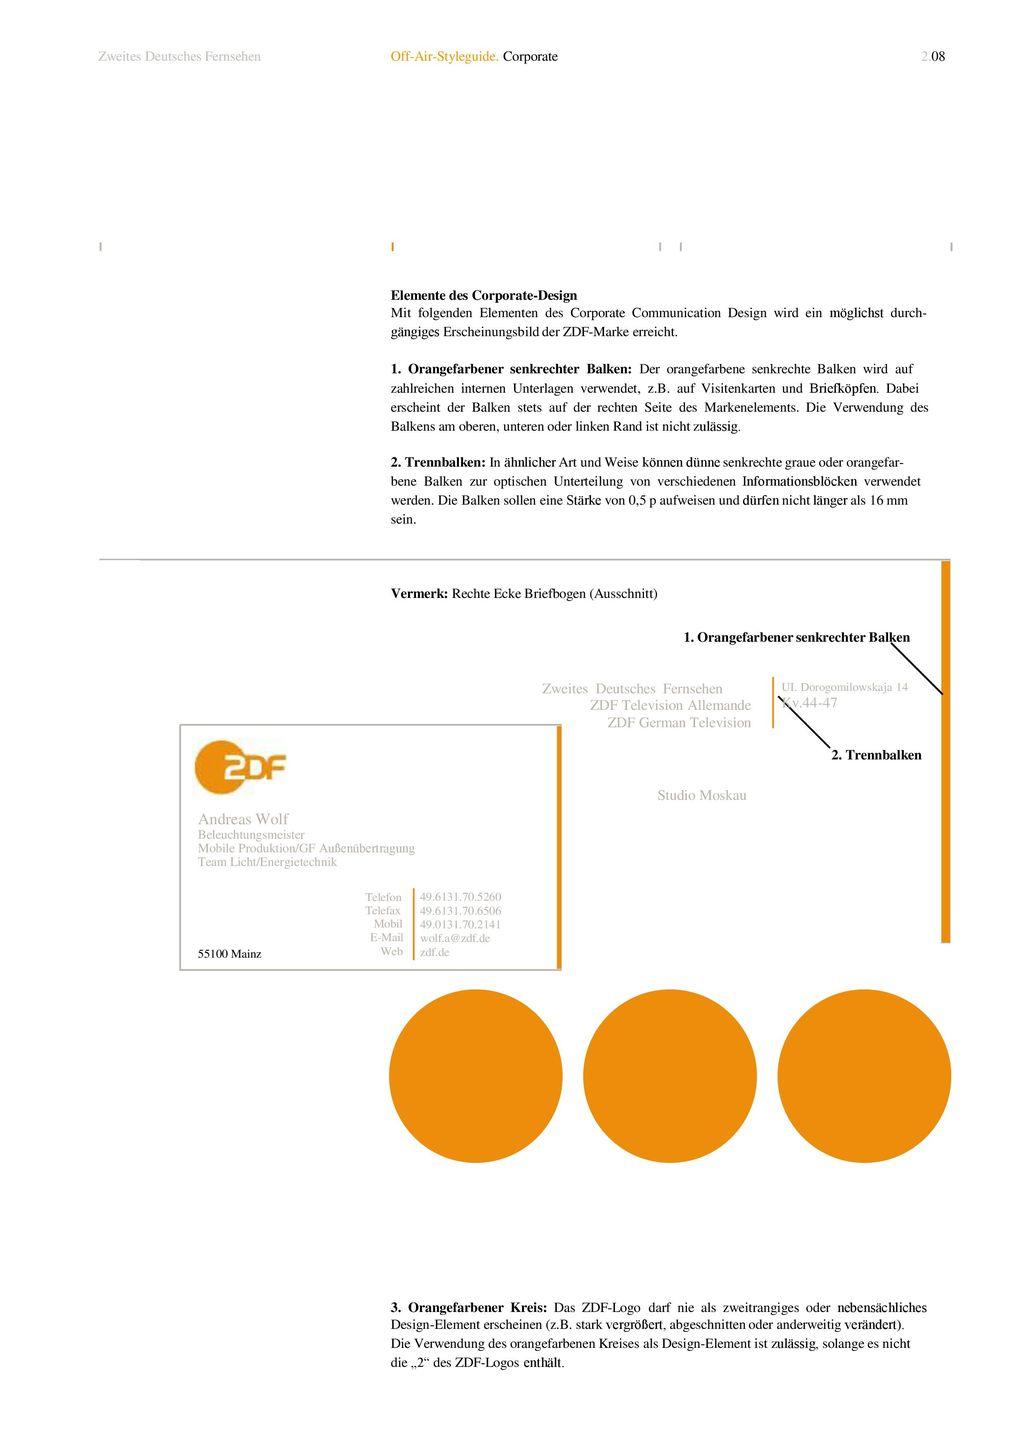 1. Orangefarbener senkrechter Balken